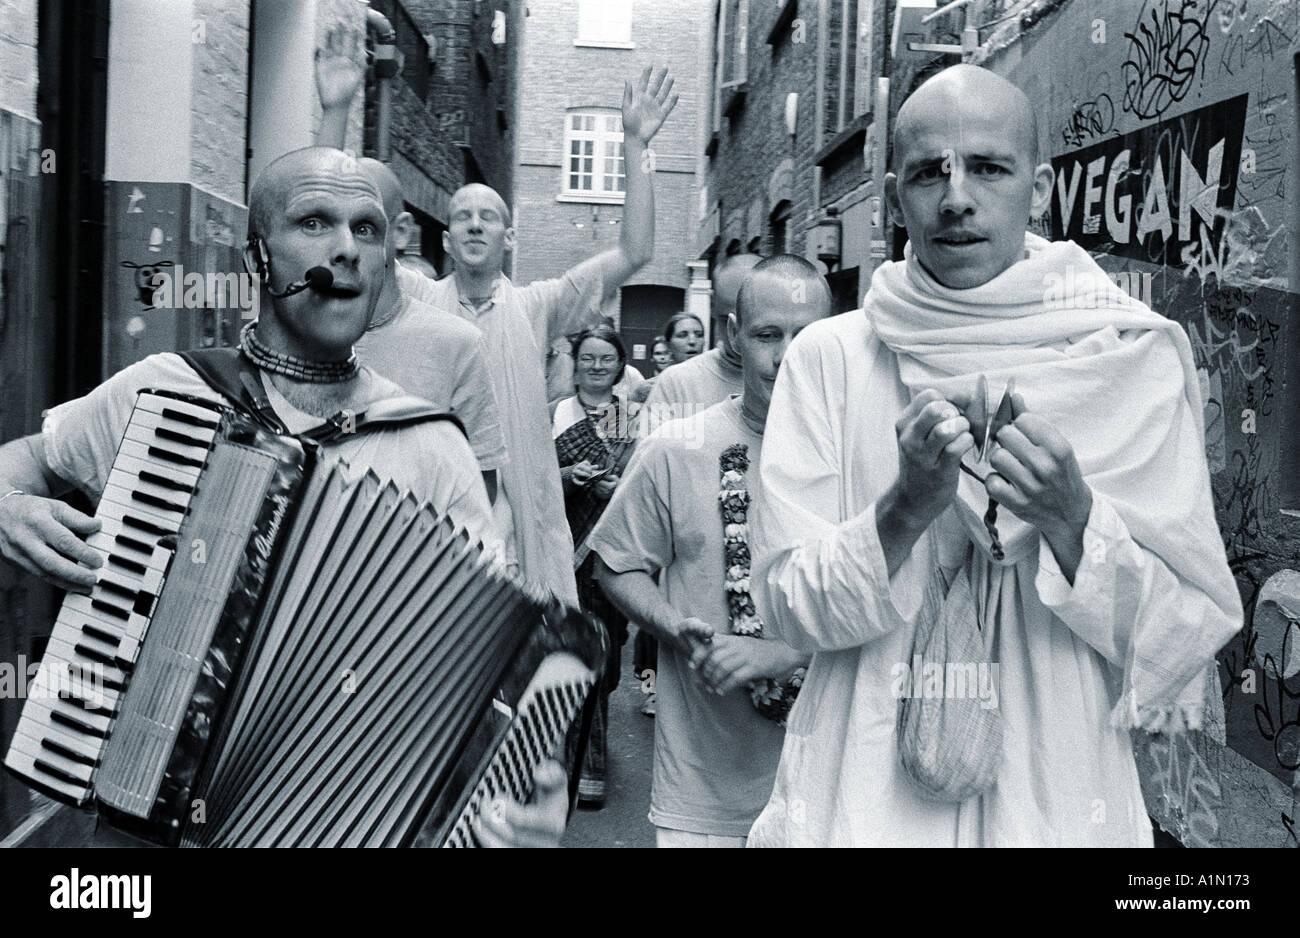 Hare Krishna devoti sfilano per le vie di londra Foto Stock